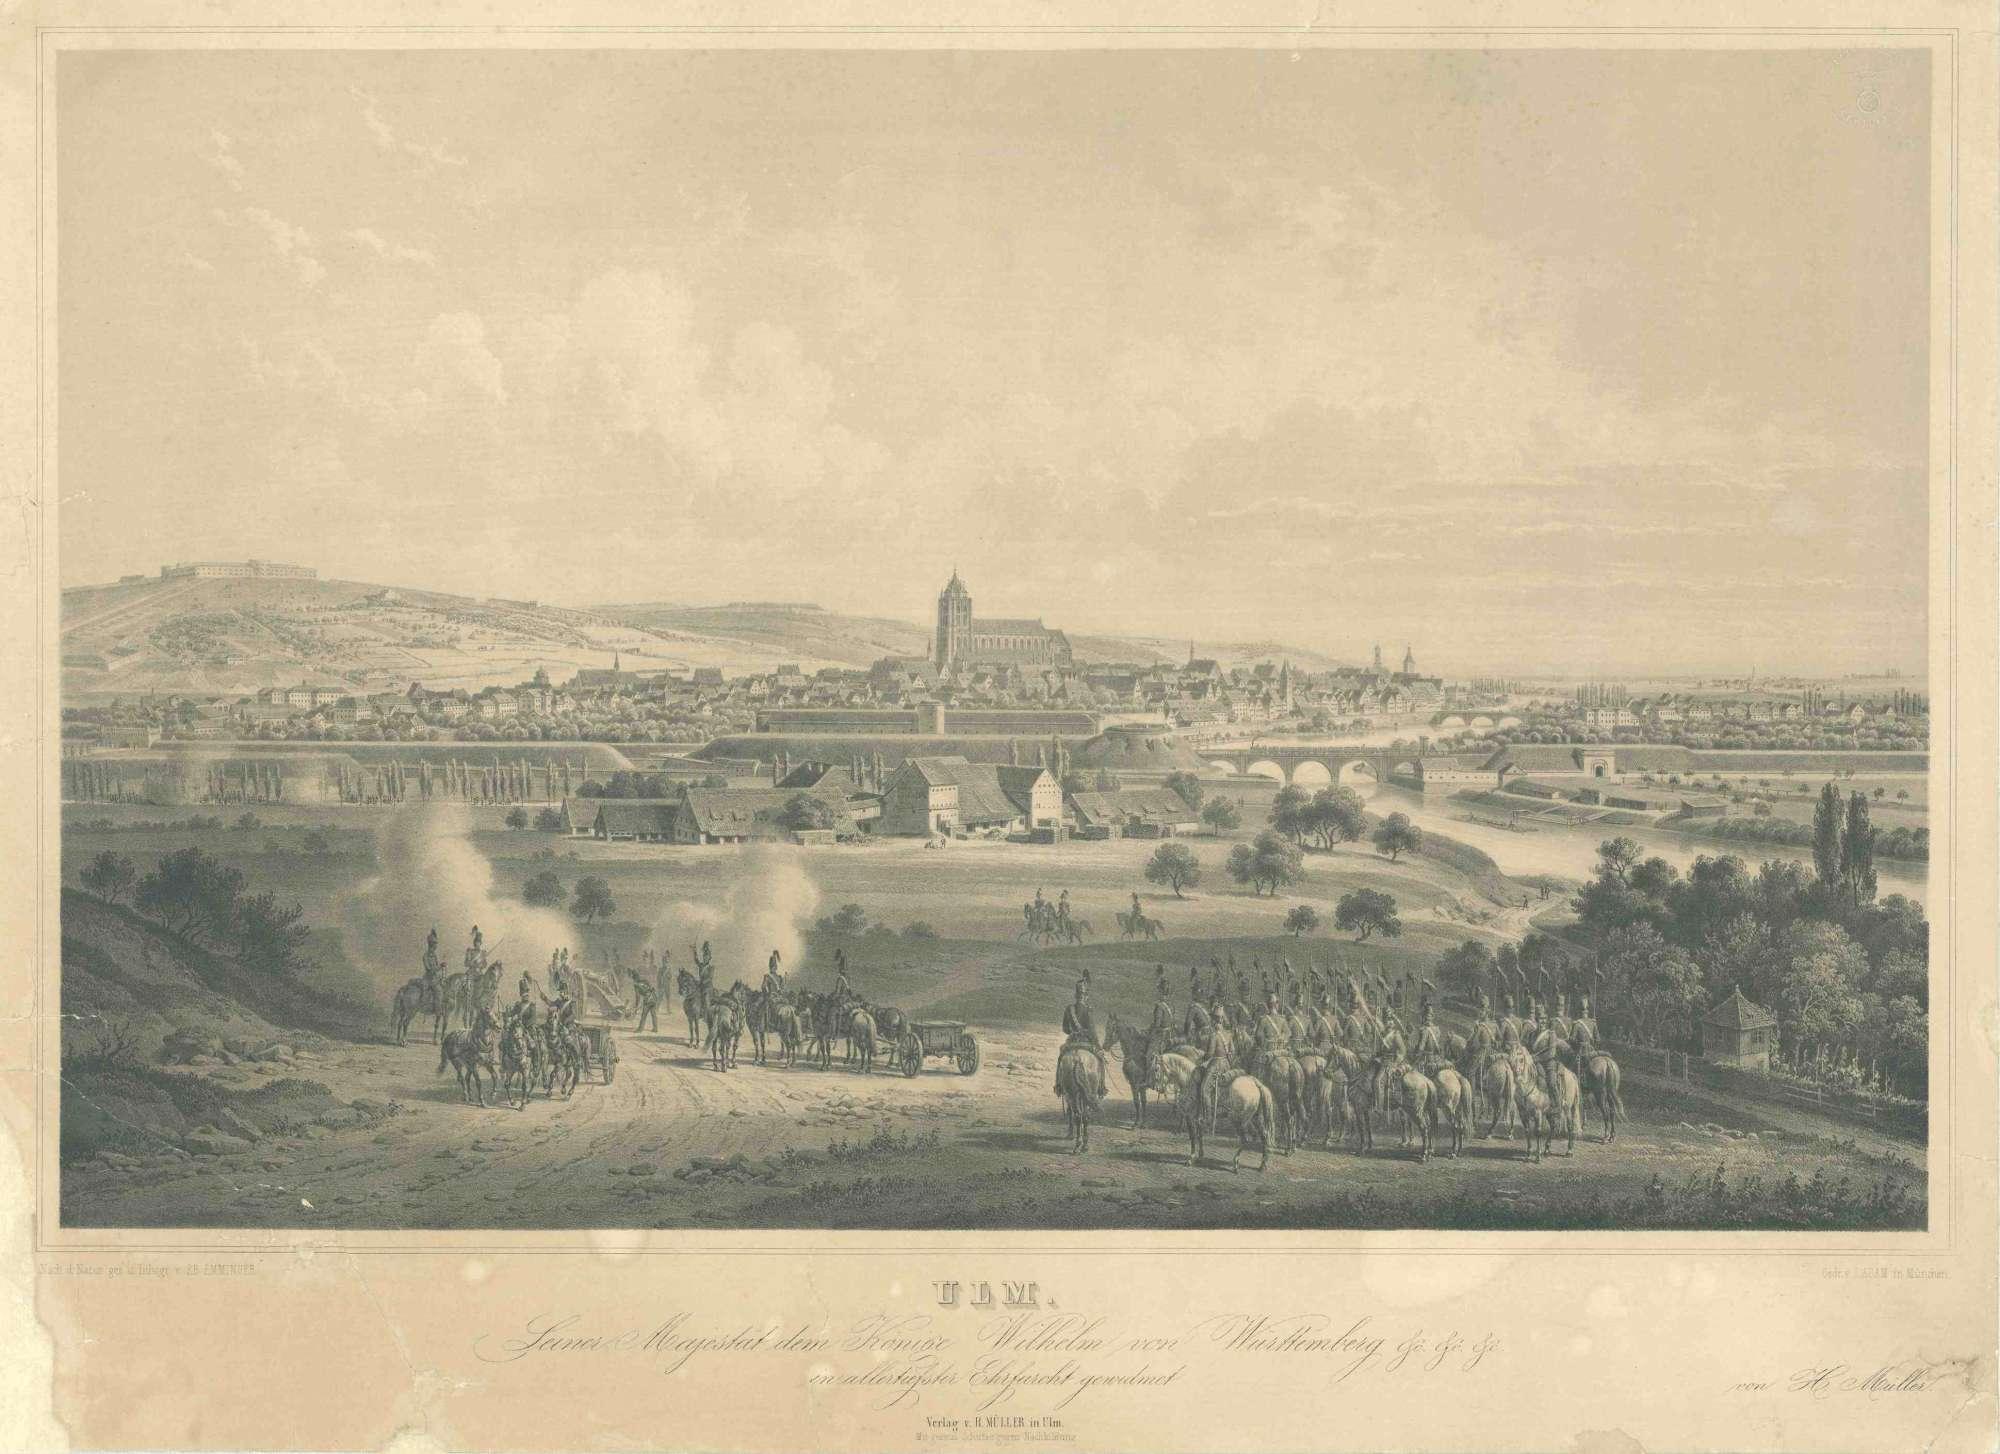 Ulm und Neu-Ulm, Ansicht von Südwesten, im Vordergrund exerzierende Reitende Artillerie, 1856, Truppen zu Pferd, Kanoniere beim Richtschiessen, Bild 1